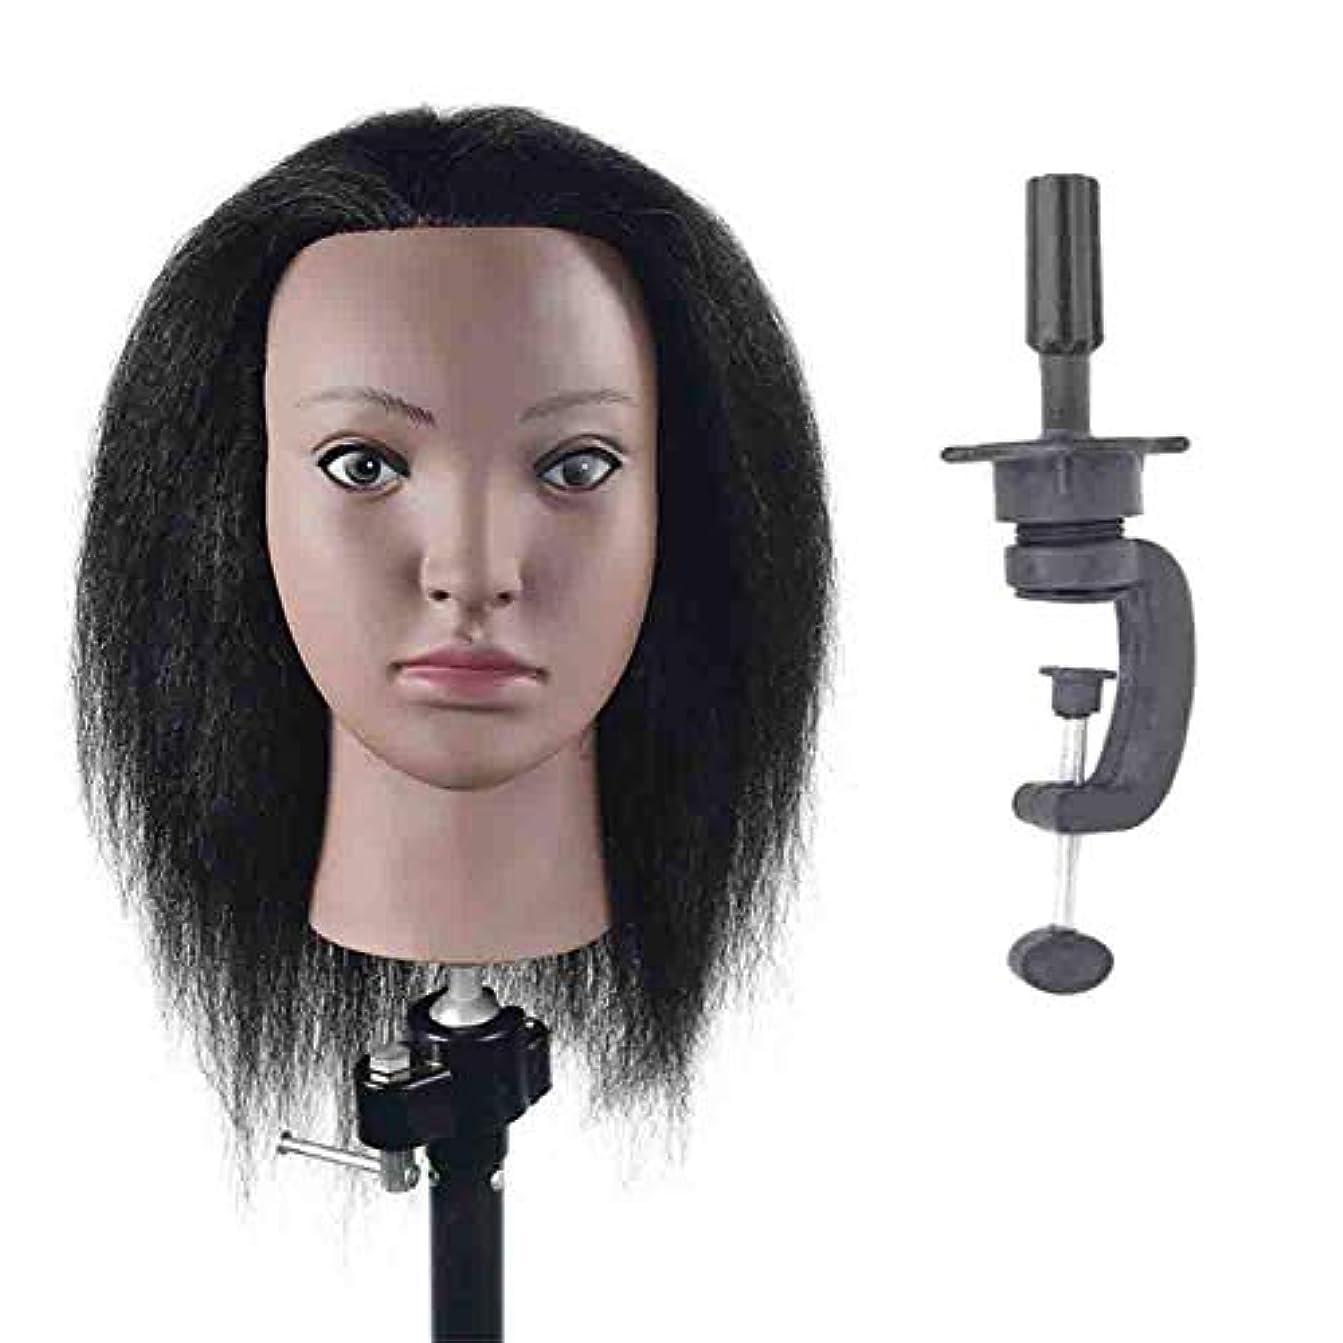 定刻戦艦演劇練習ディスク髪編組ヘアモデル理髪店スクールティーチングヘッドロングかつら美容マネキンヘッド